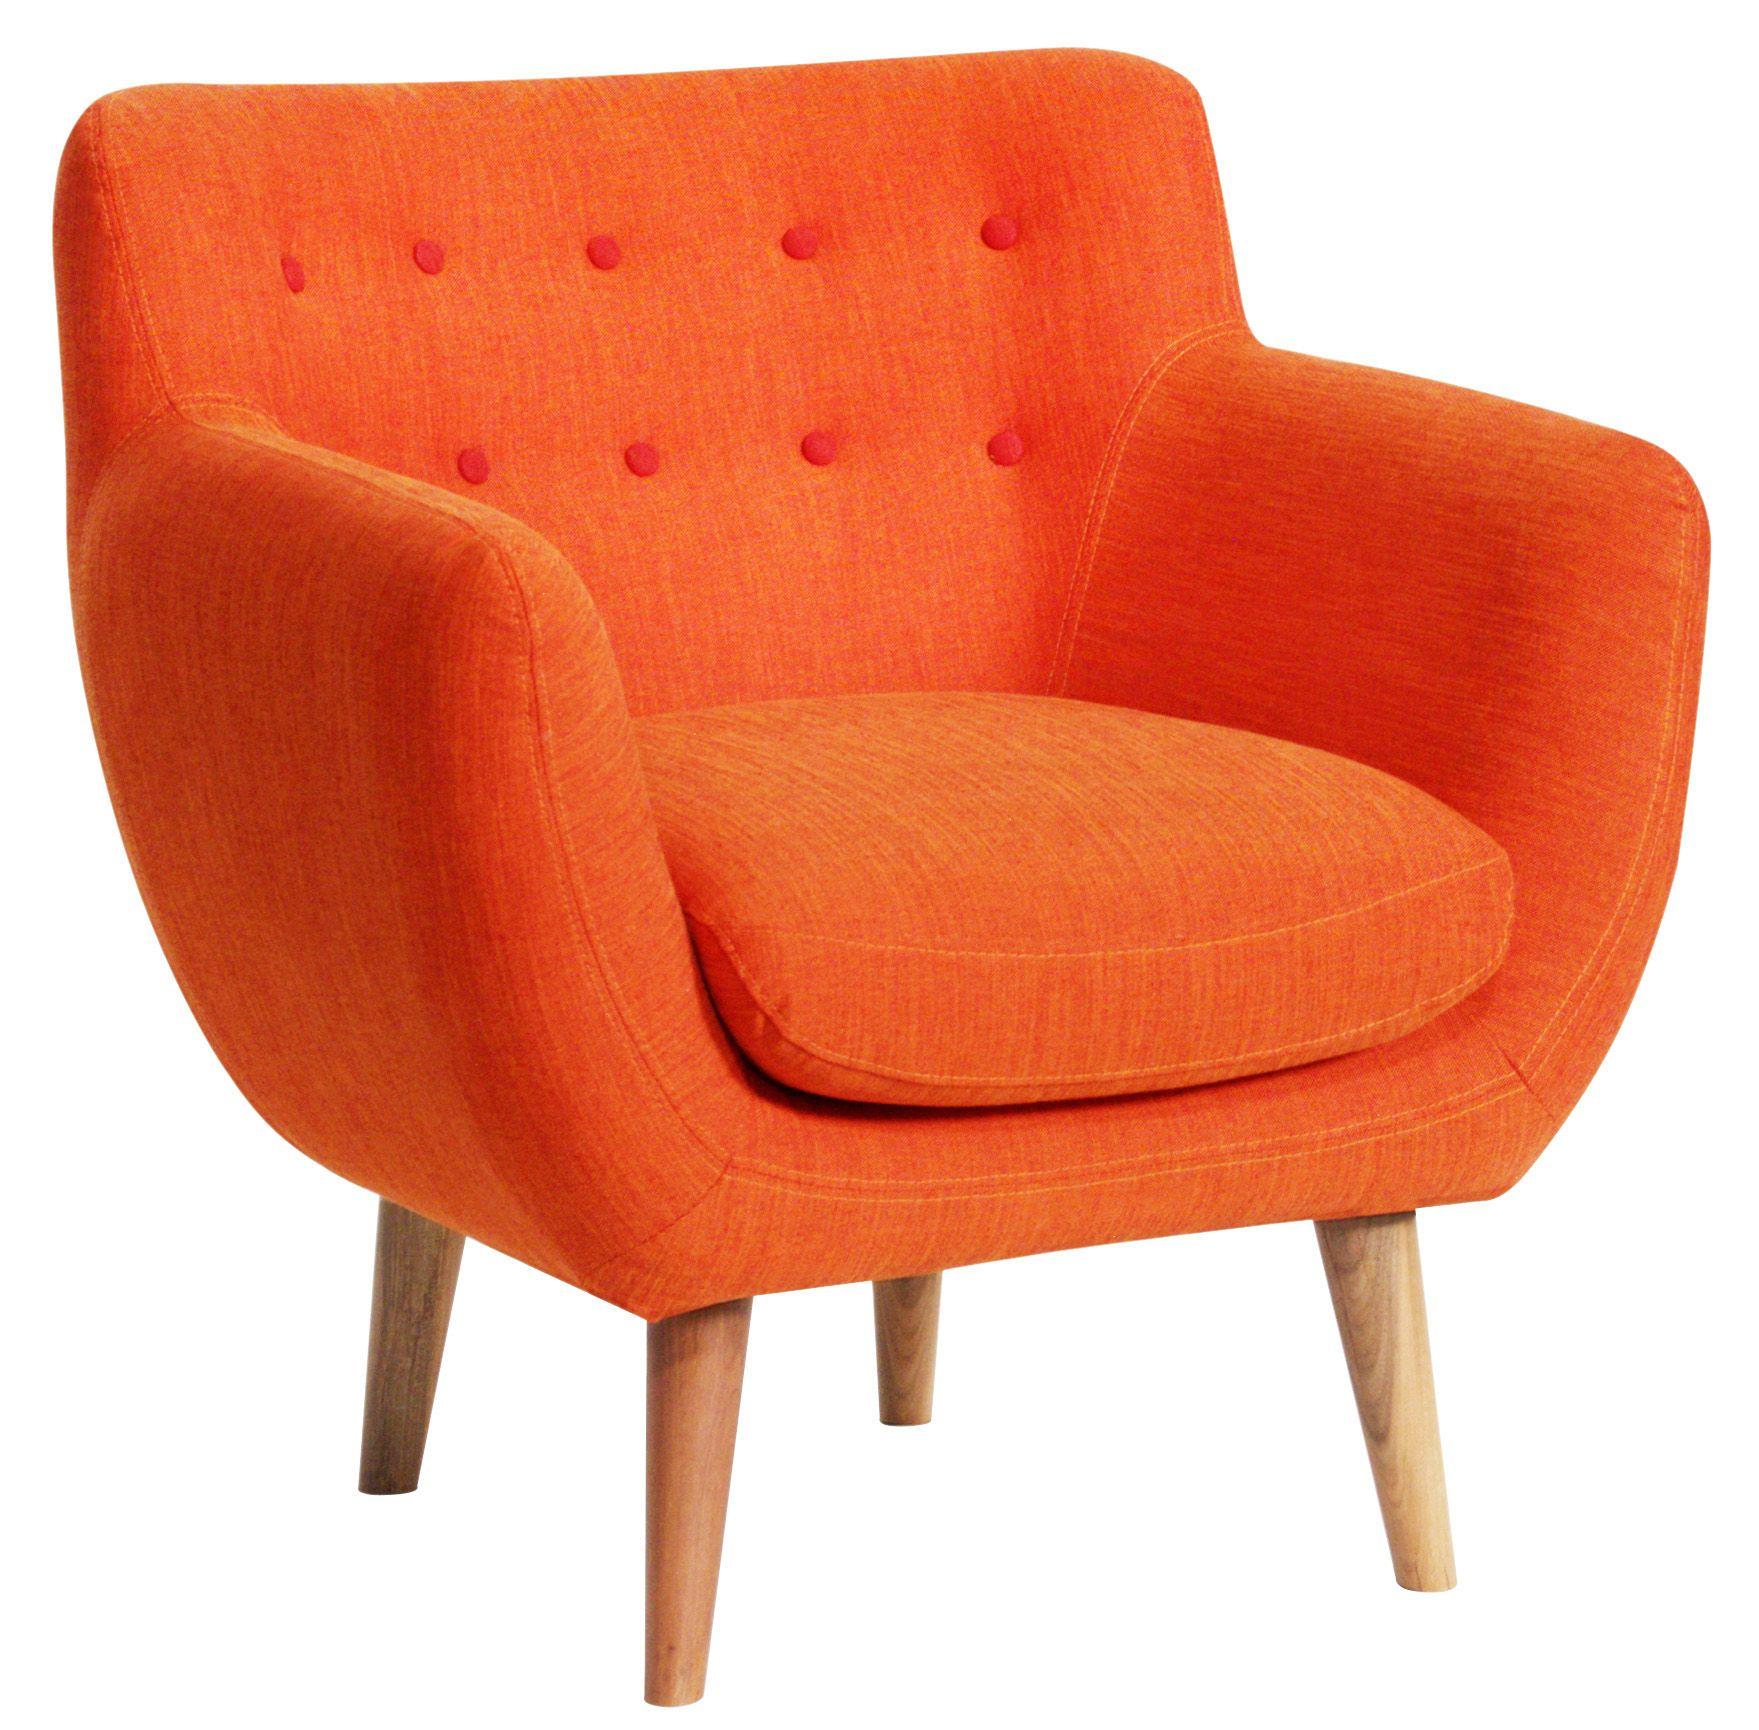 Fauteuil Orange Vintage Déco Pinterest Fauteuils Orange Et - Fauteuil orange